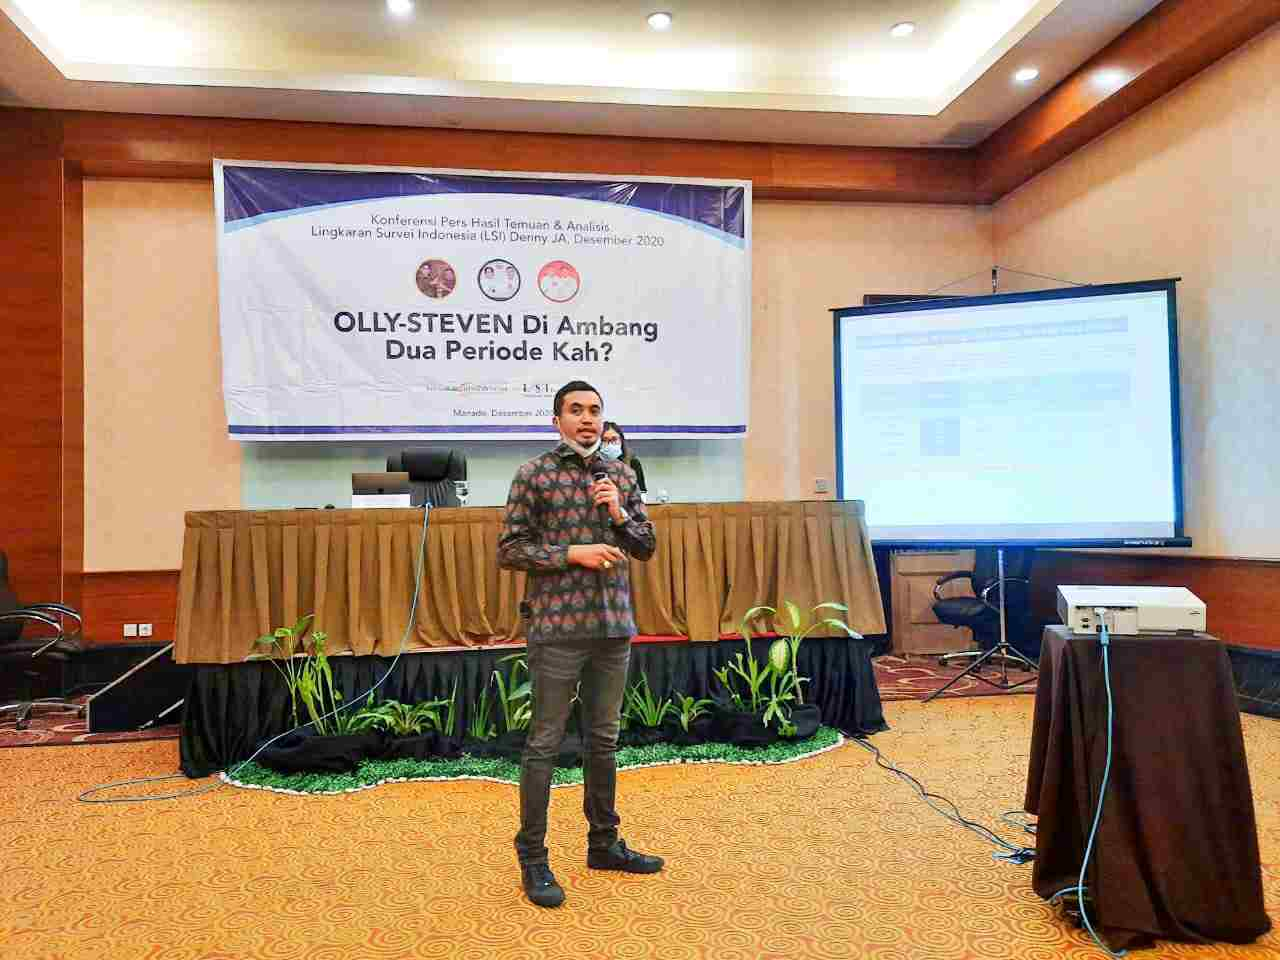 Lingkaran Survei Indonesia Prediksi Olly-Steven Pecahkan Rekor Pilkada di Indonesia